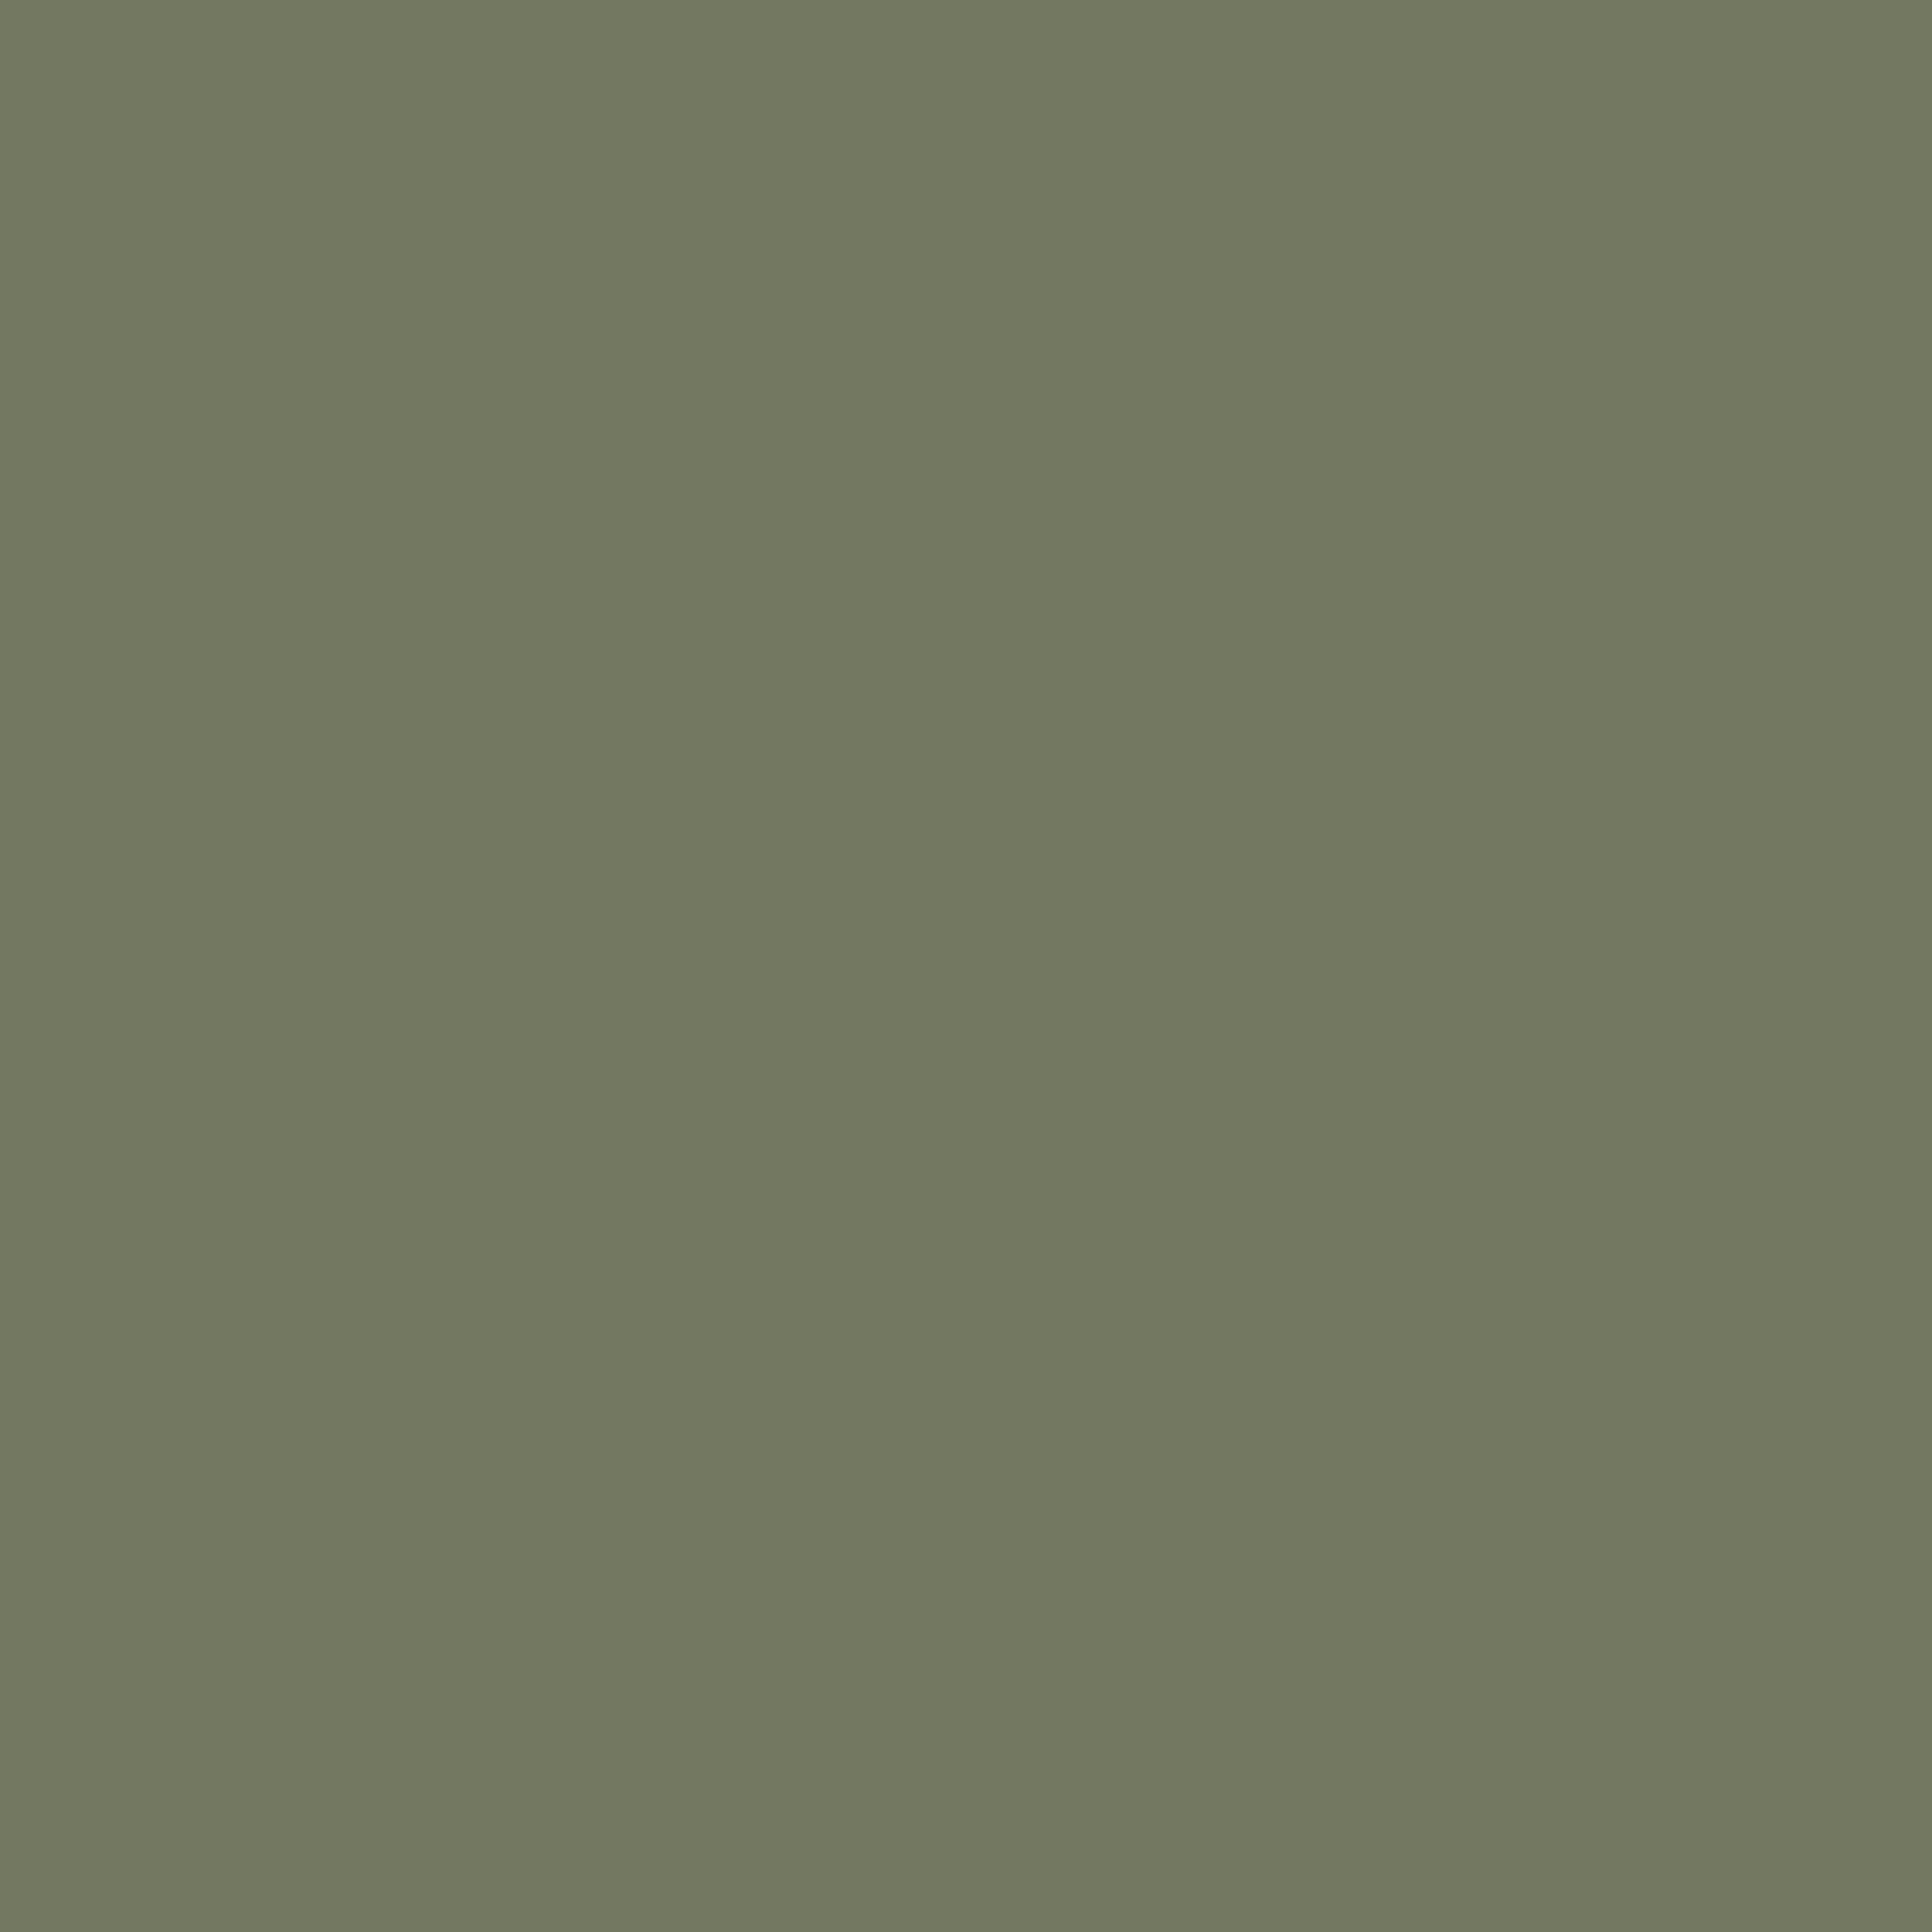 Laurel green-deep forest